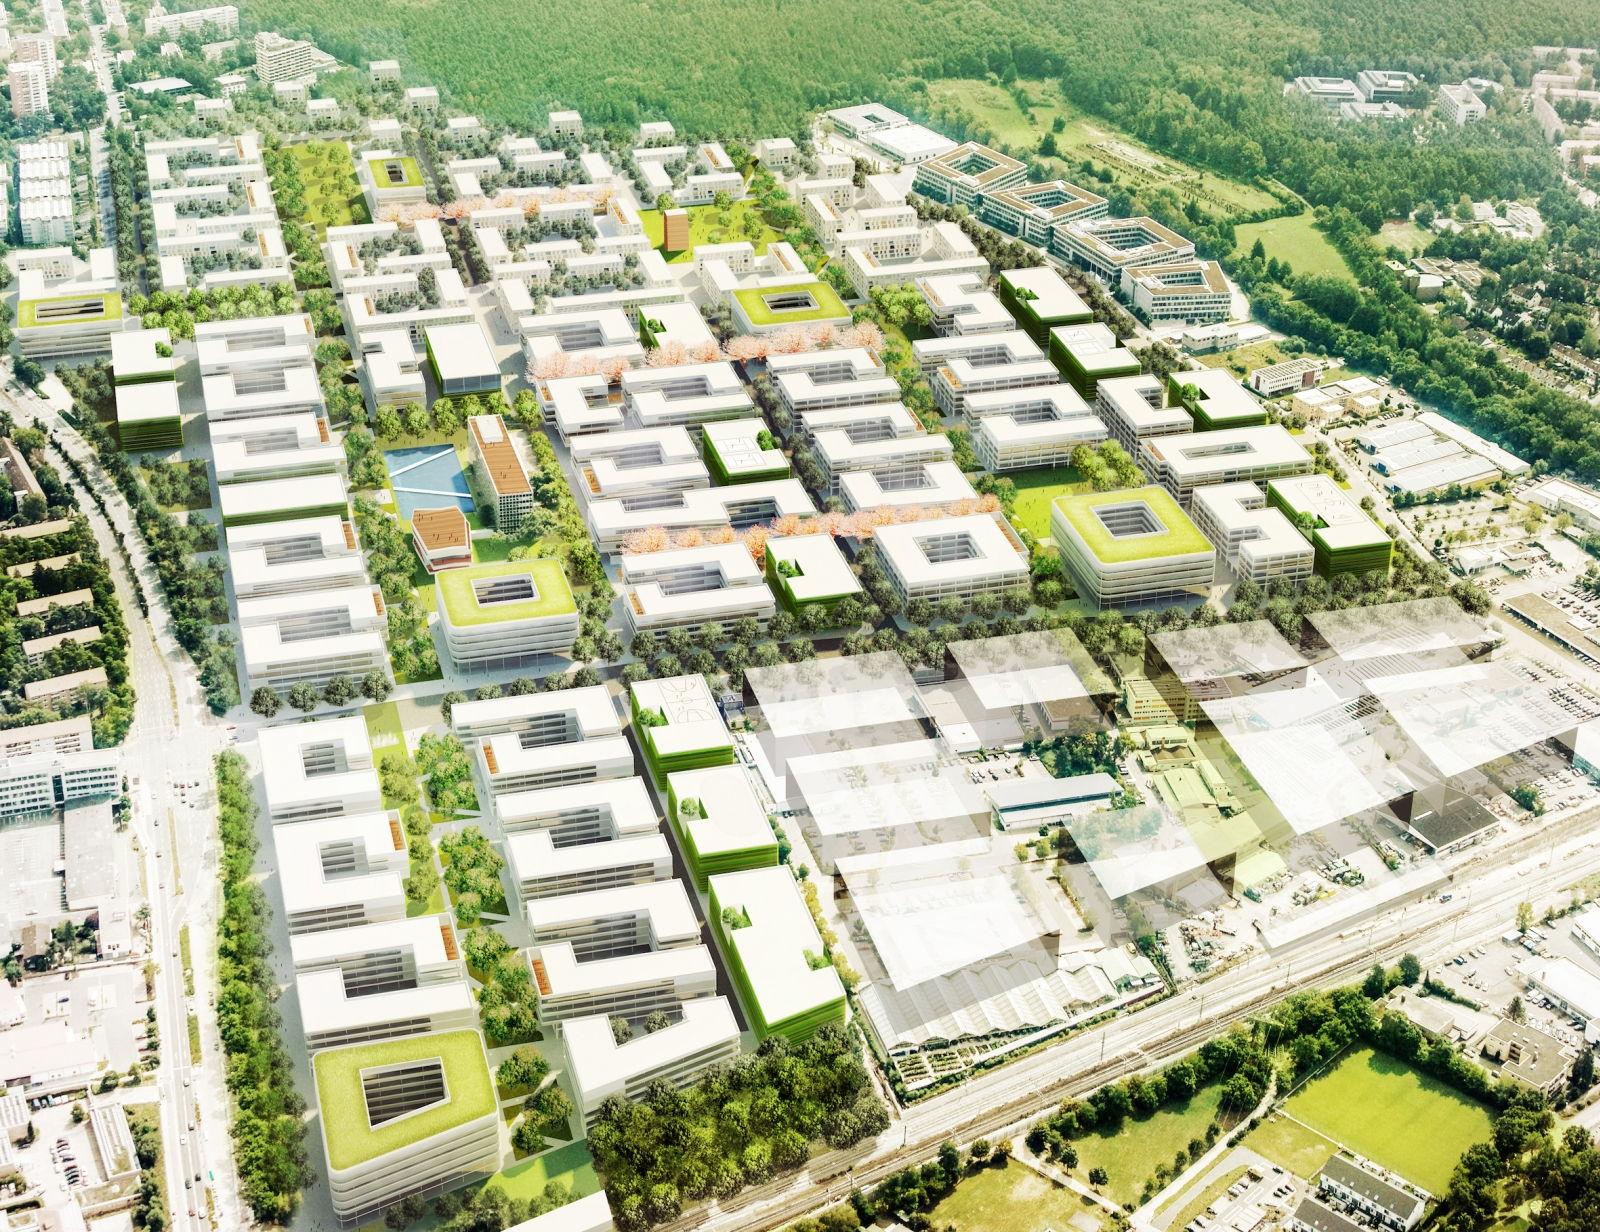 Siemens Campus Erlangen Rendering